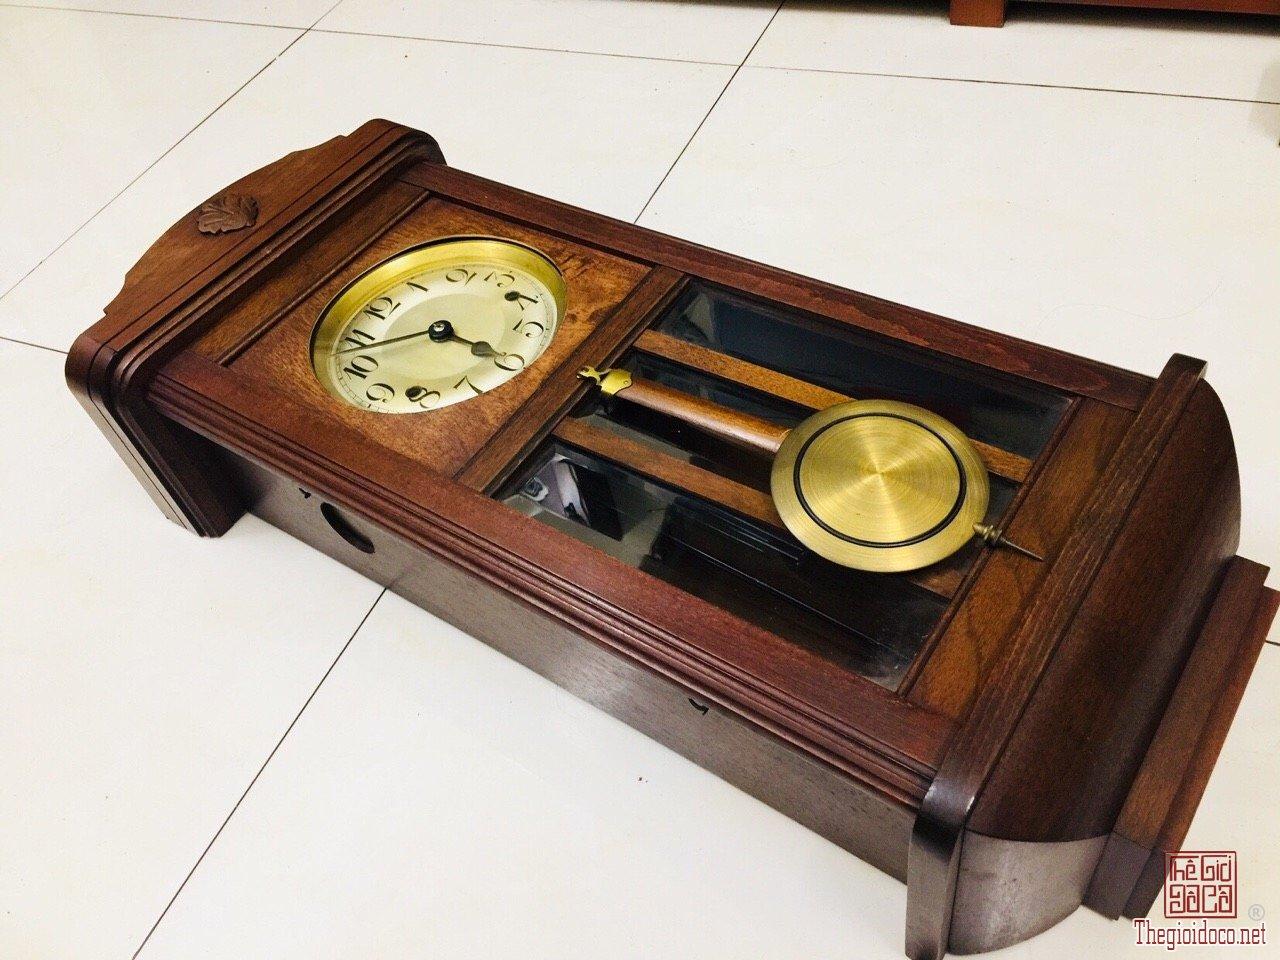 Đồng hồ Đức cổ âm tuyệt hay, rất đẹp